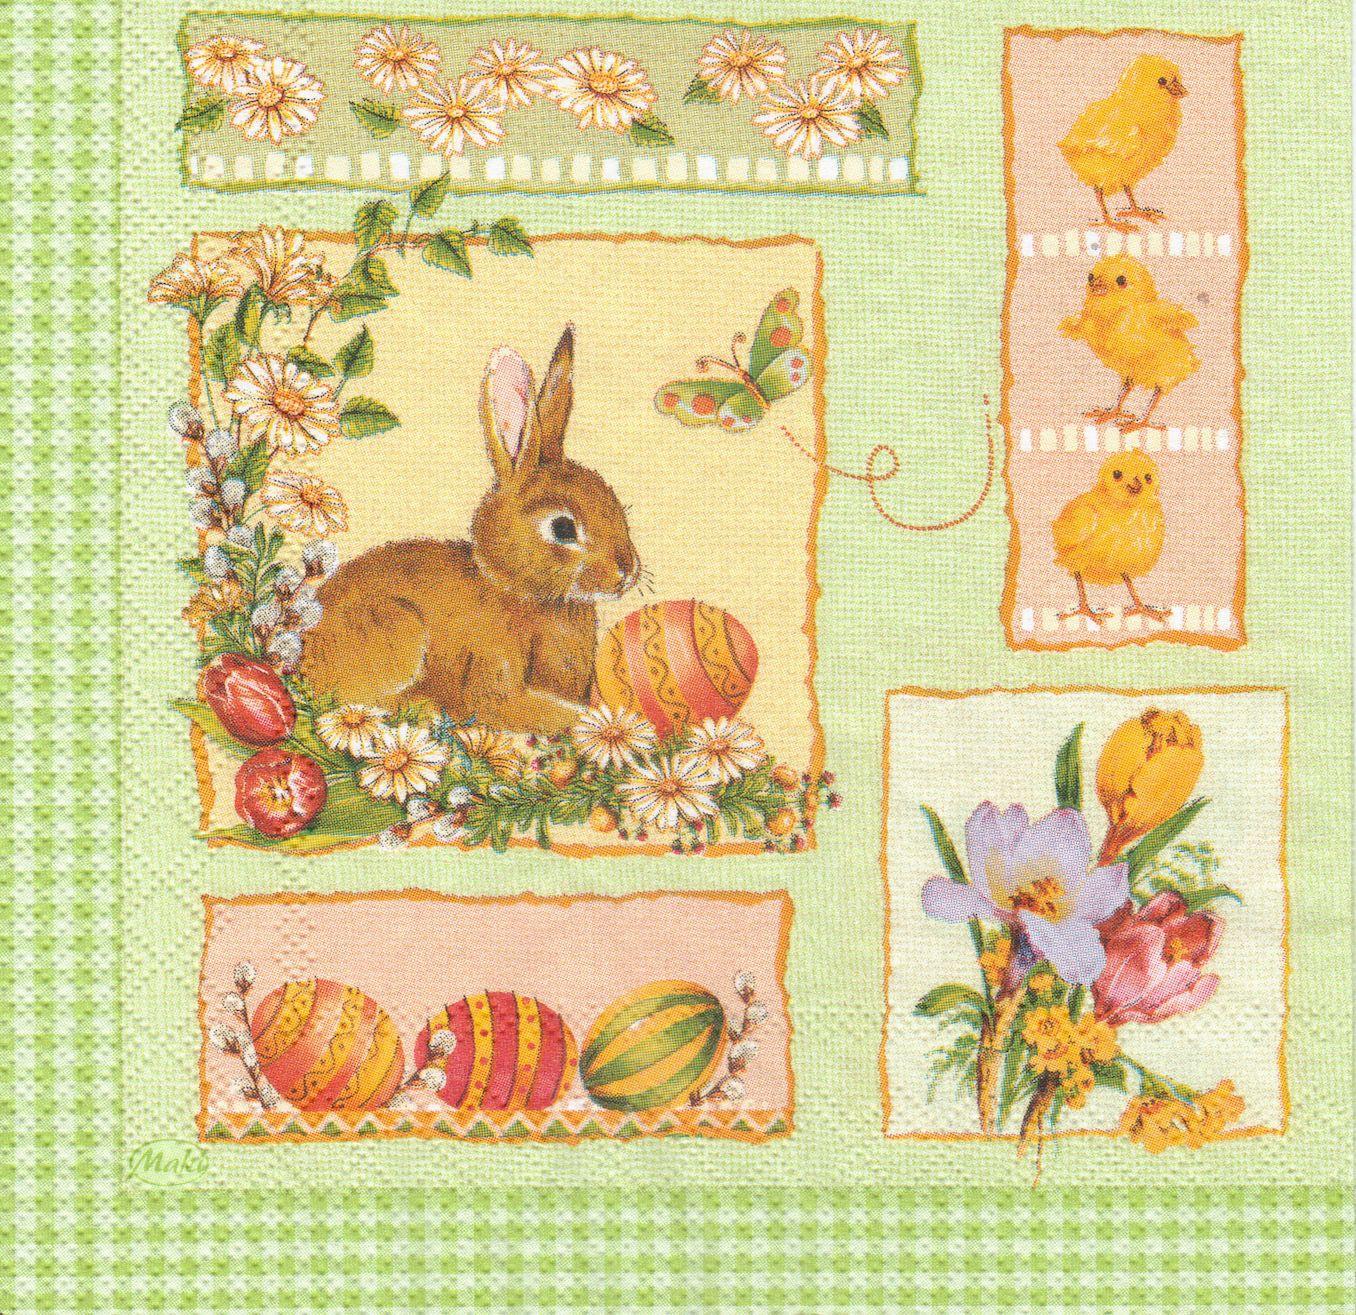 Февраля, открытки птенчики зайчик